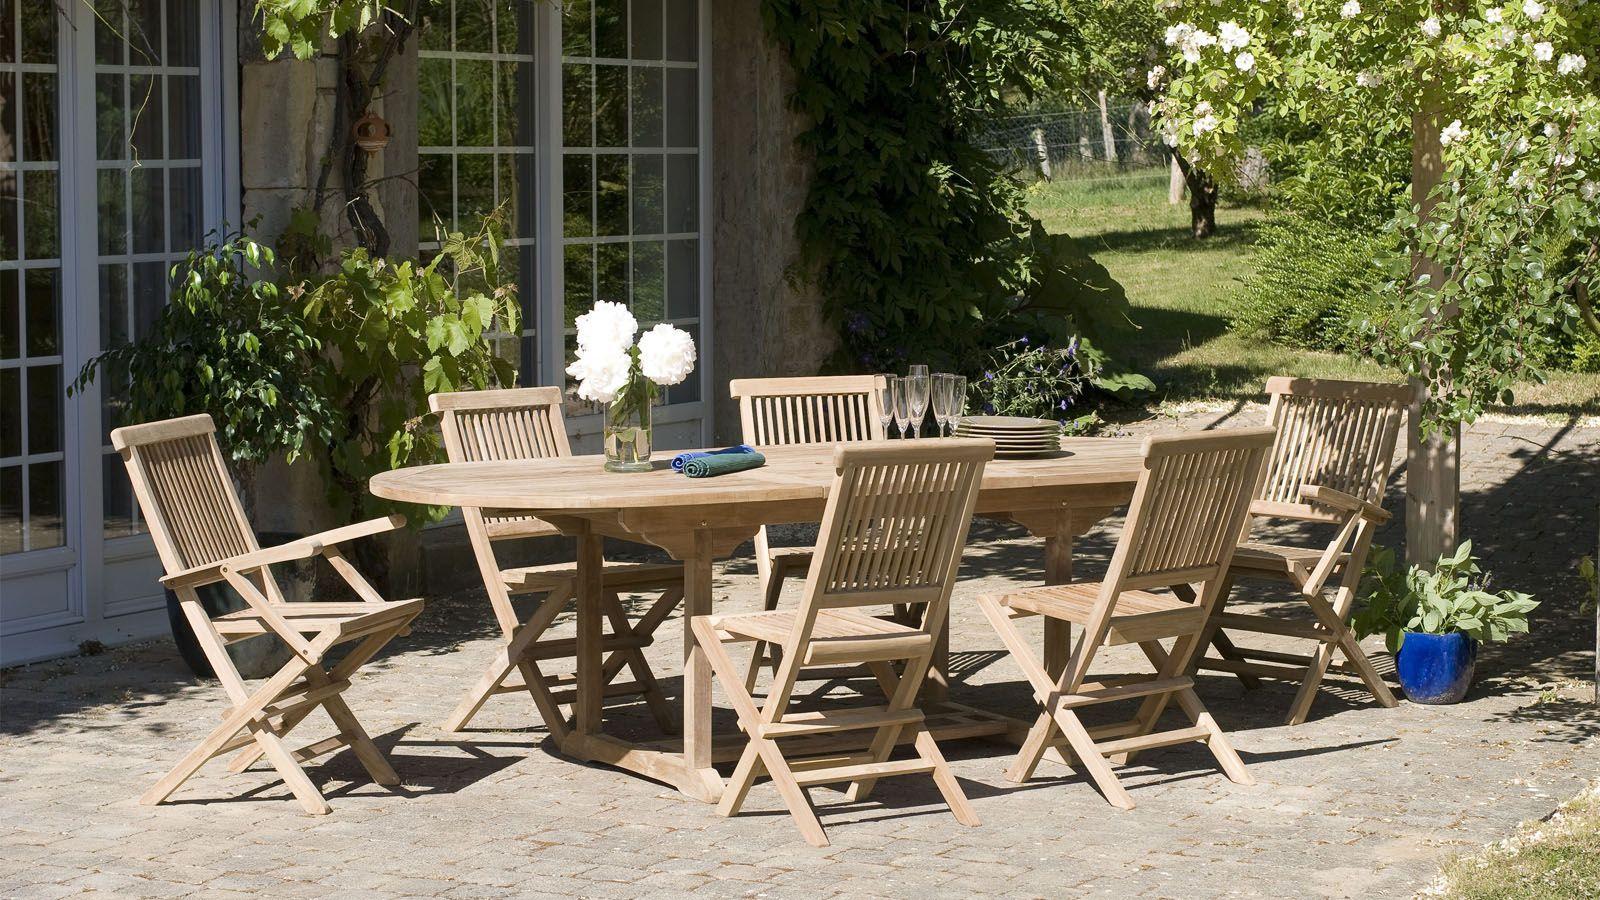 Salon De Jardin En Teck 6 Places - Collection Copa Cabana ... tout Table Et Chaise De Jardin En Teck Pas Cher